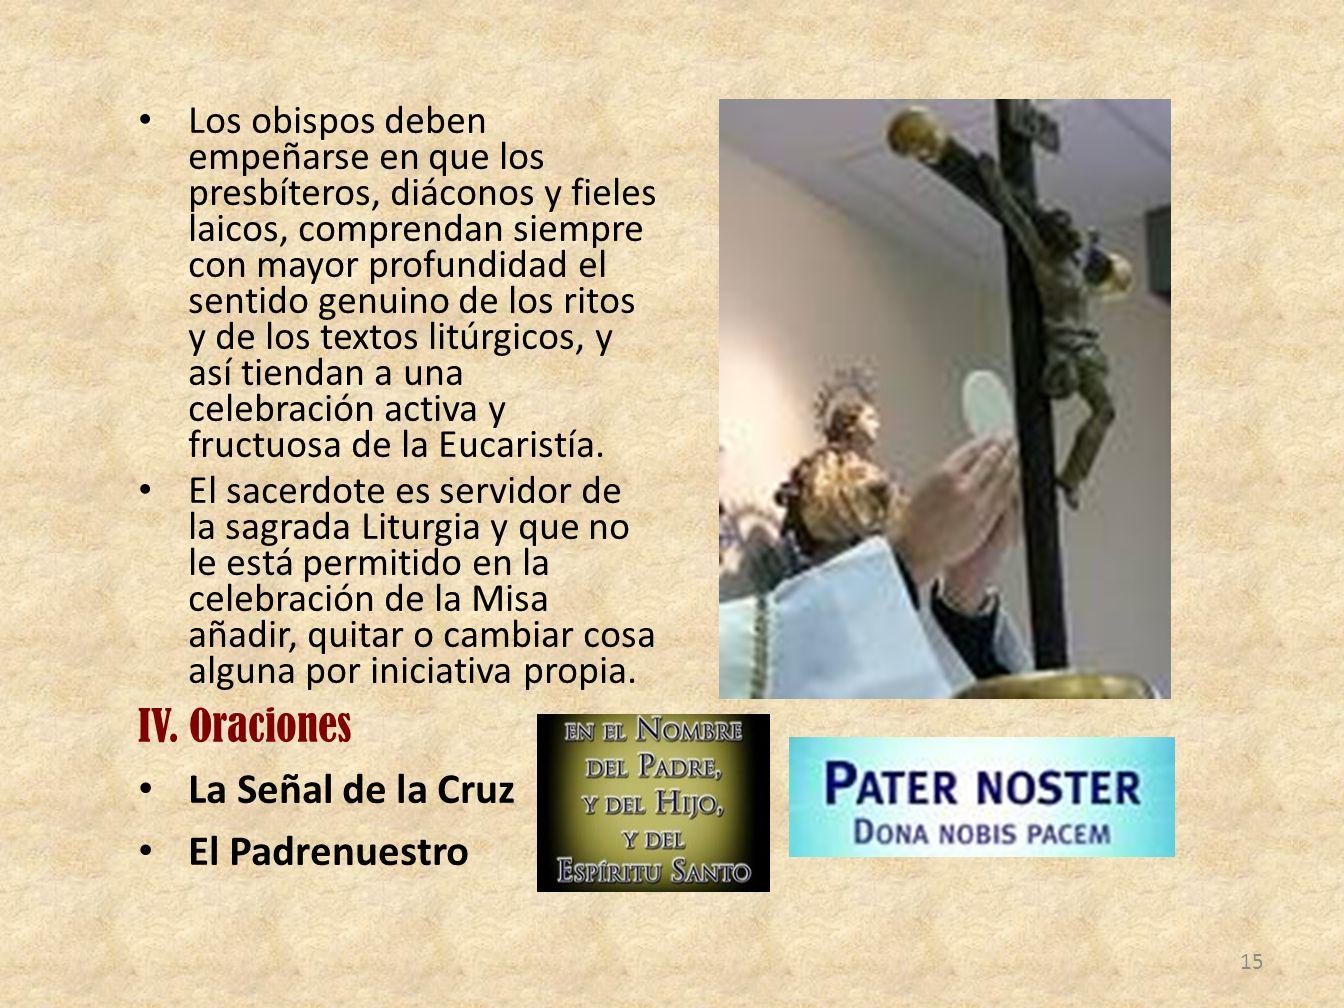 IV. Oraciones La Señal de la Cruz El Padrenuestro